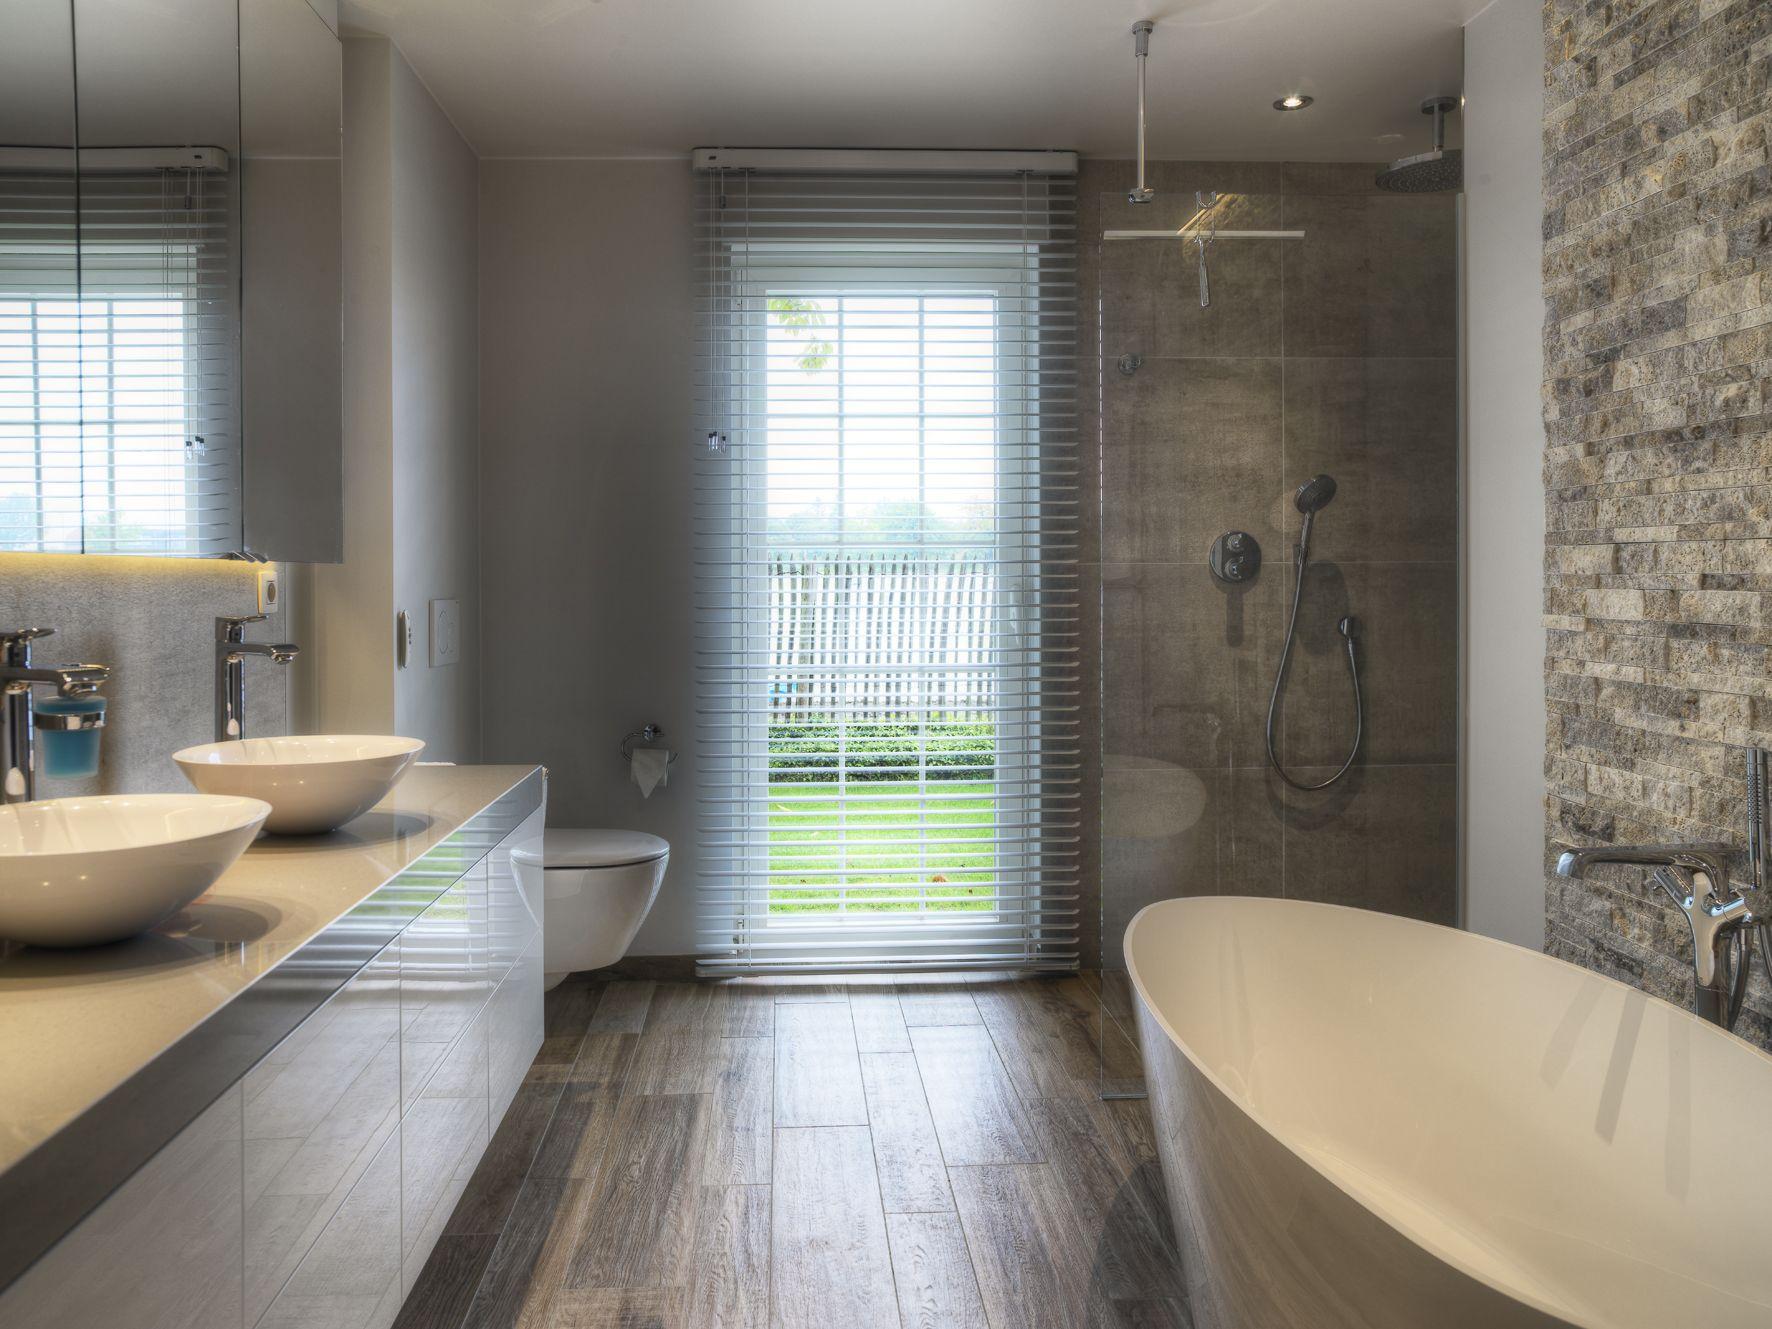 Afwerking badkamer in composiet | Badkamer sfeerbeelden | Pinterest ...